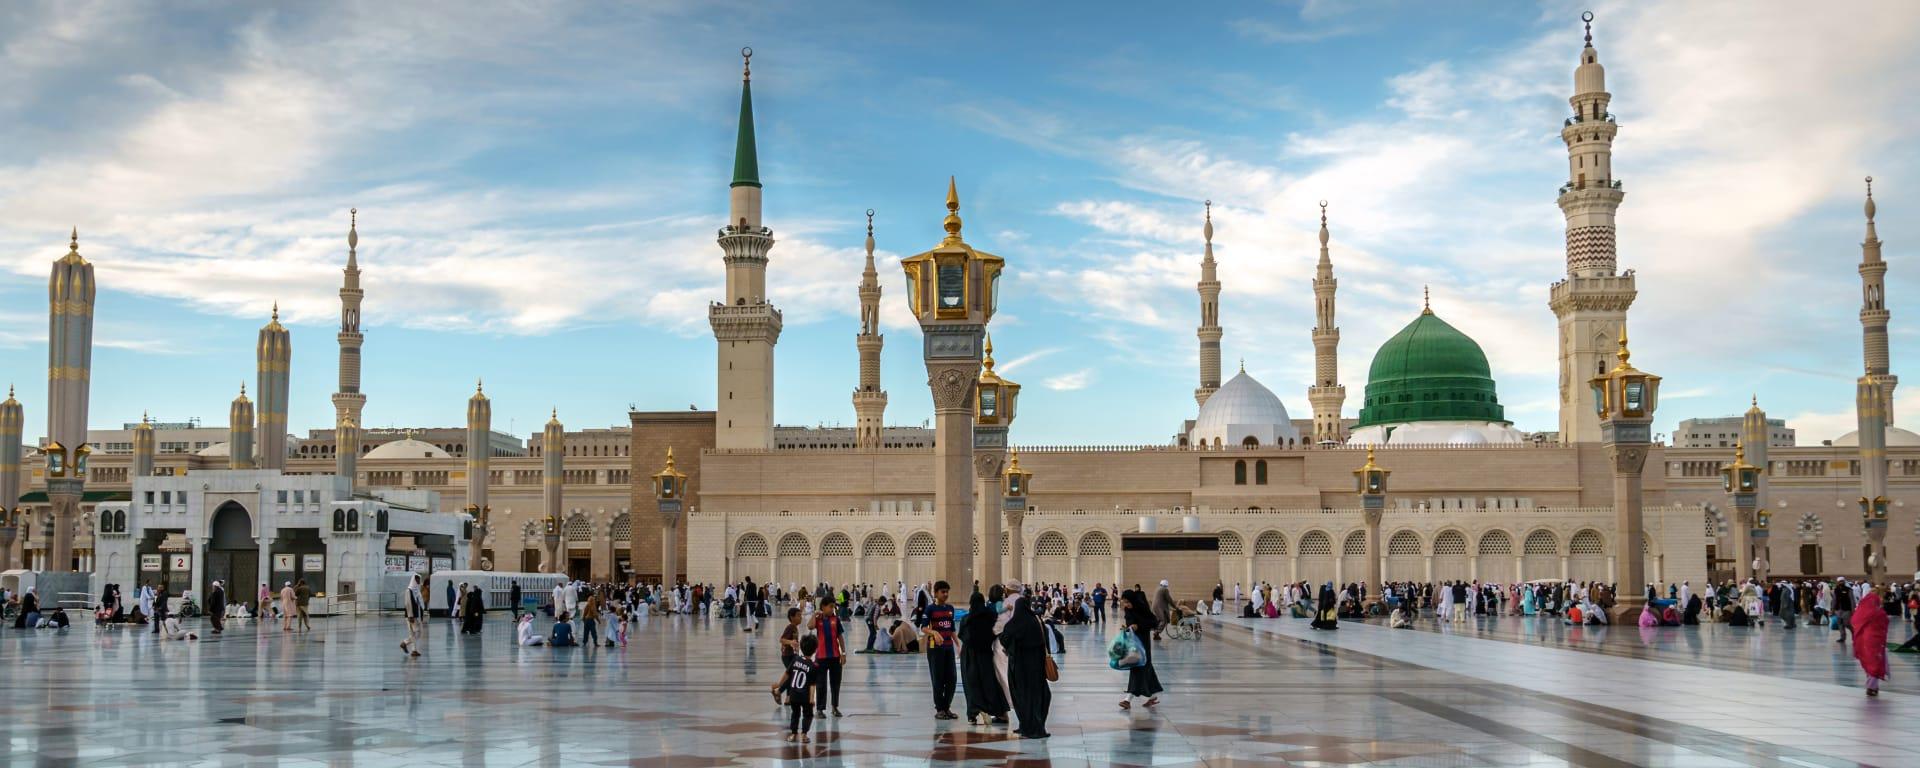 Saudi Arabien entdecken mit Tischler Reisen: Saudi Arabien Medina Nabawi Moschee